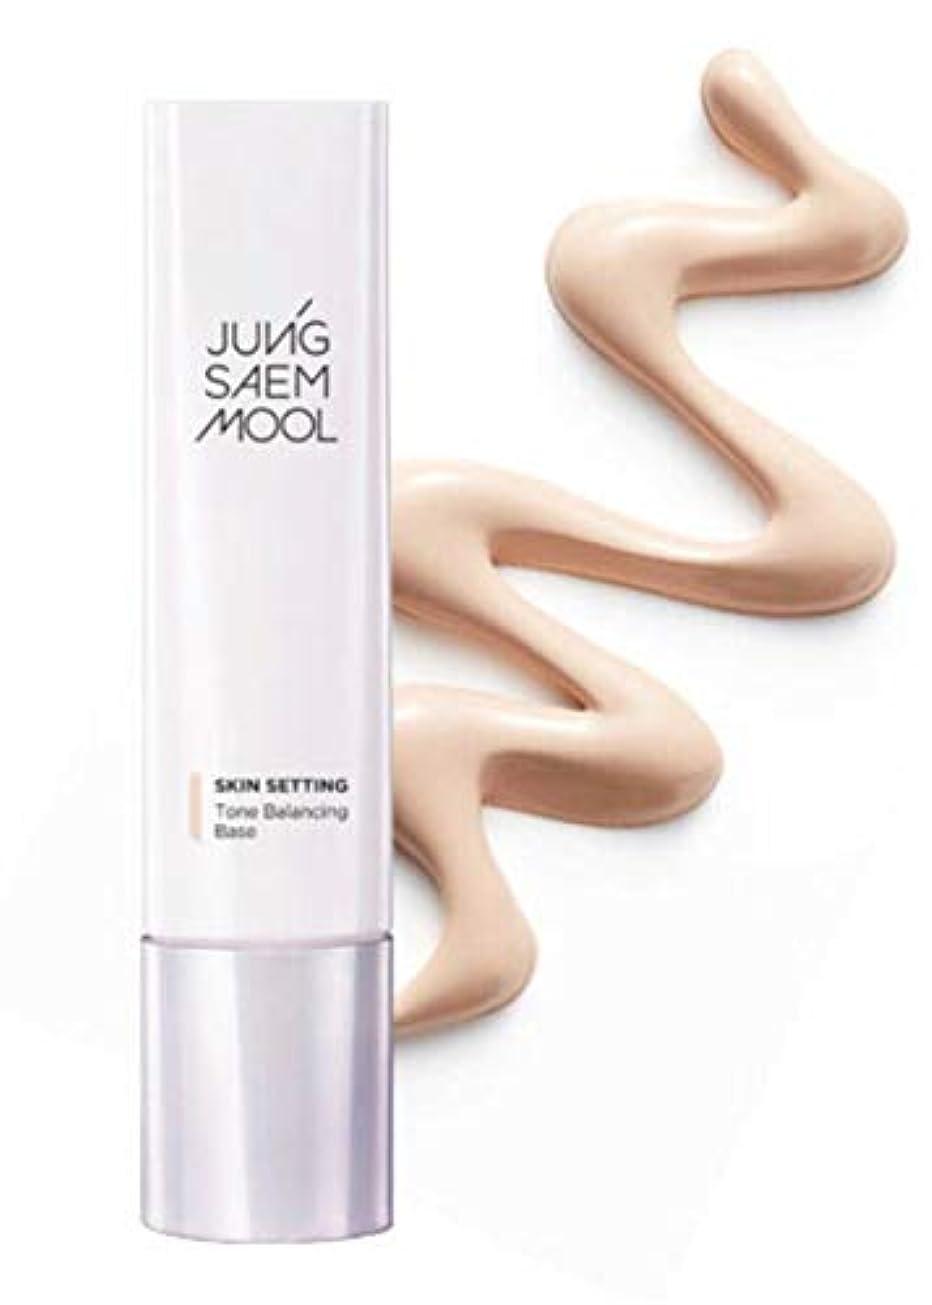 癌わかる然とした[JUNG SAEM MOOL] Skin Setting Tone Balancing Base 40ml / ジョンセンムル スキン セッティング トーン バランシング ベース [並行輸入品]